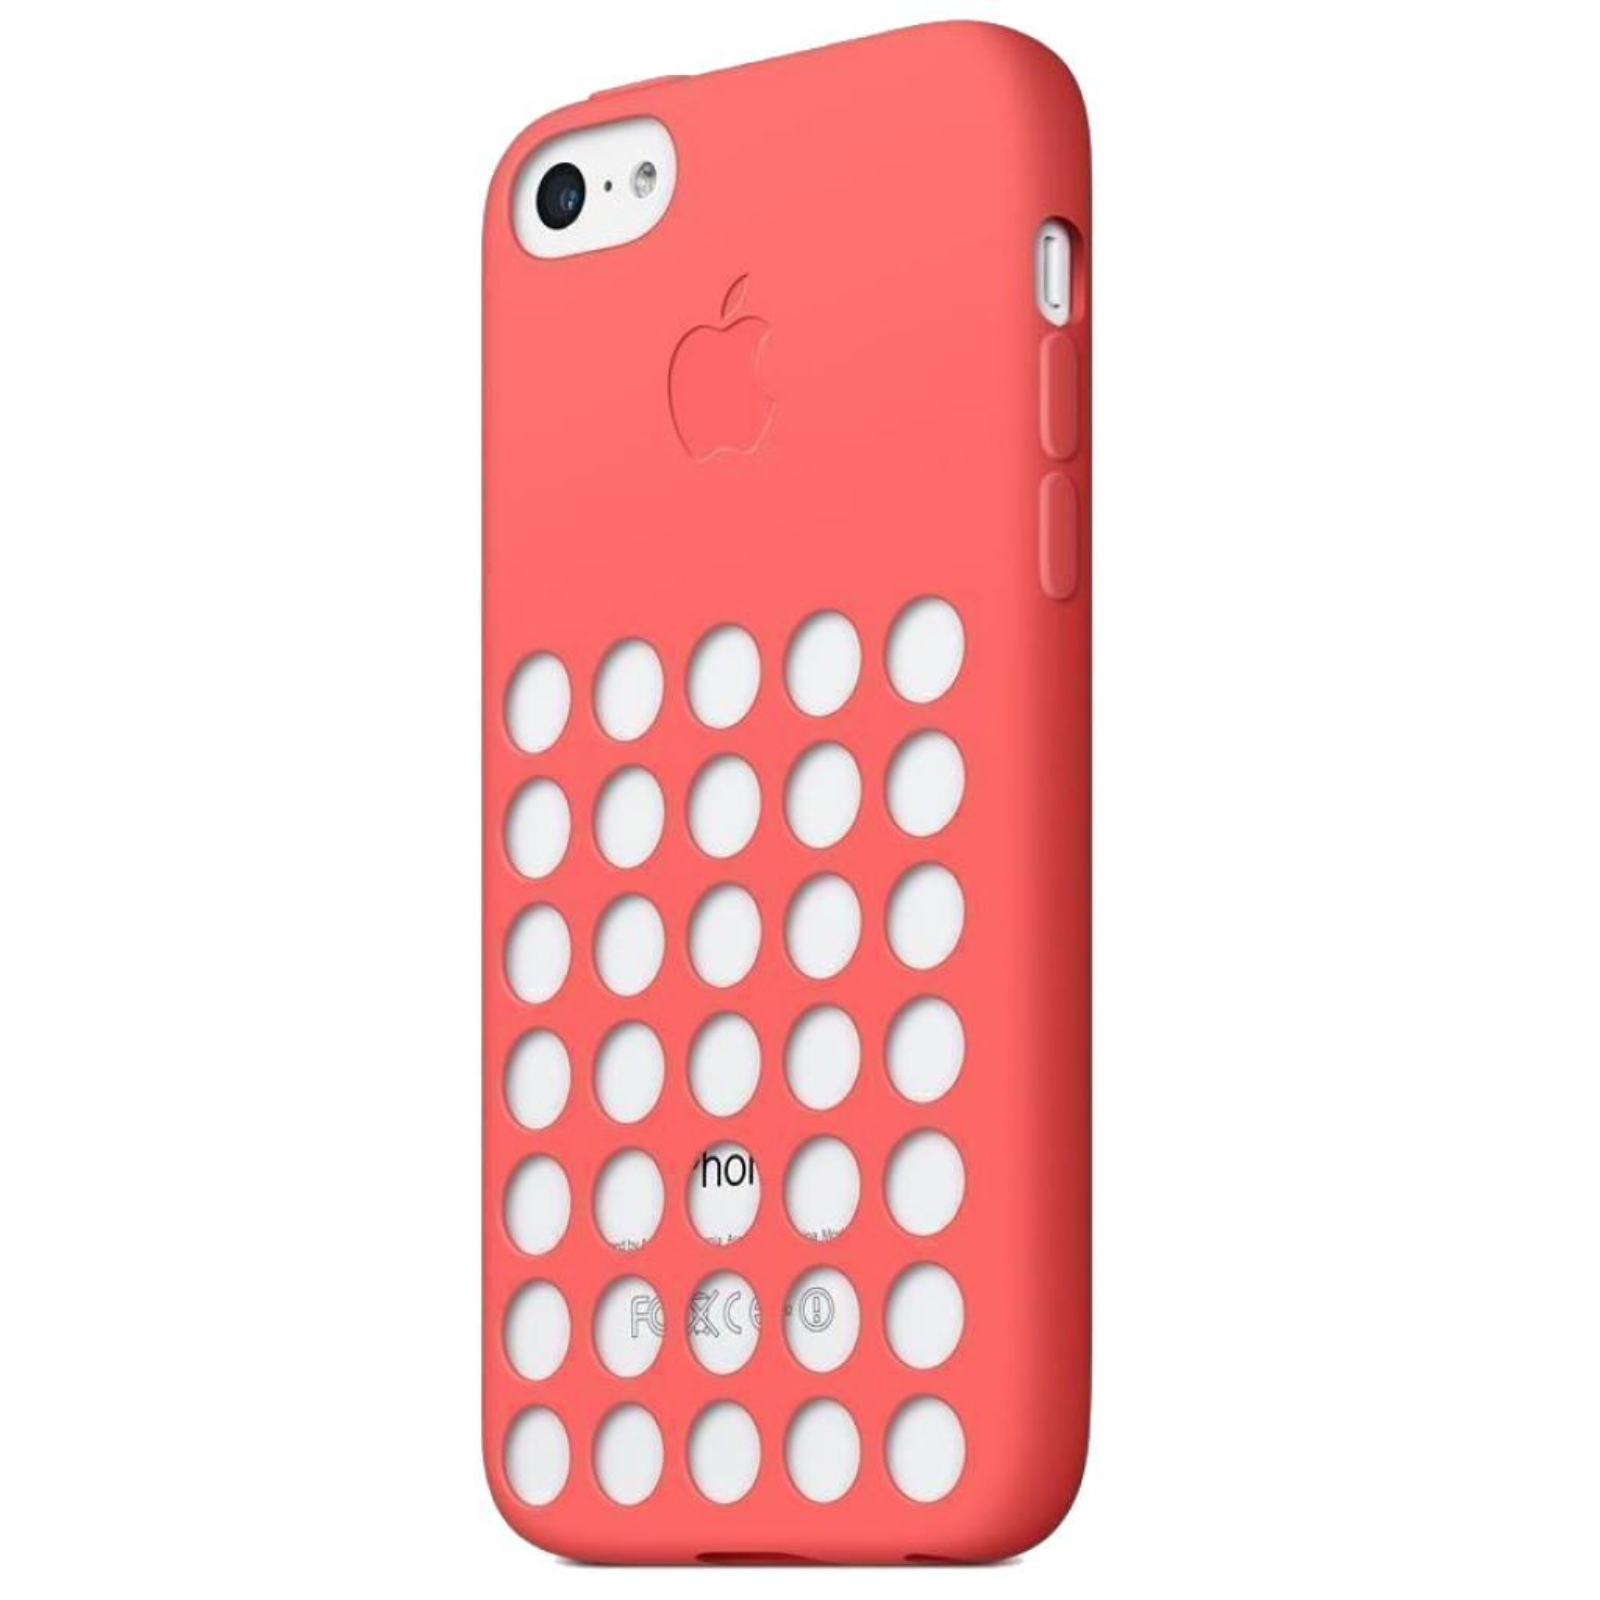 Чехол для моб. телефона Apple для iPhone 5c pink (MF036ZM/A) изображение 2